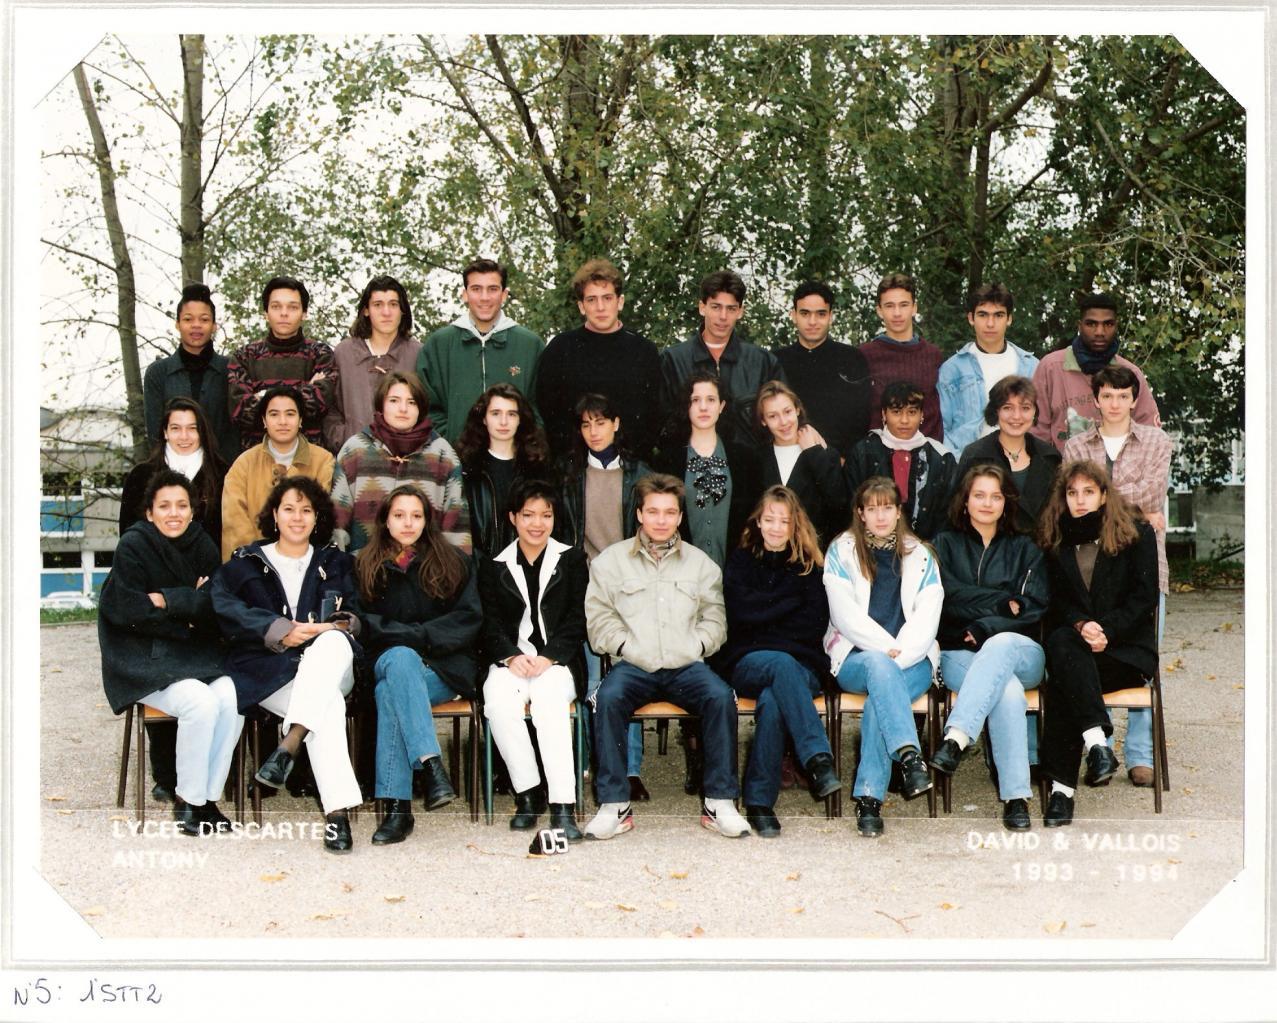 1994 - 1STT2